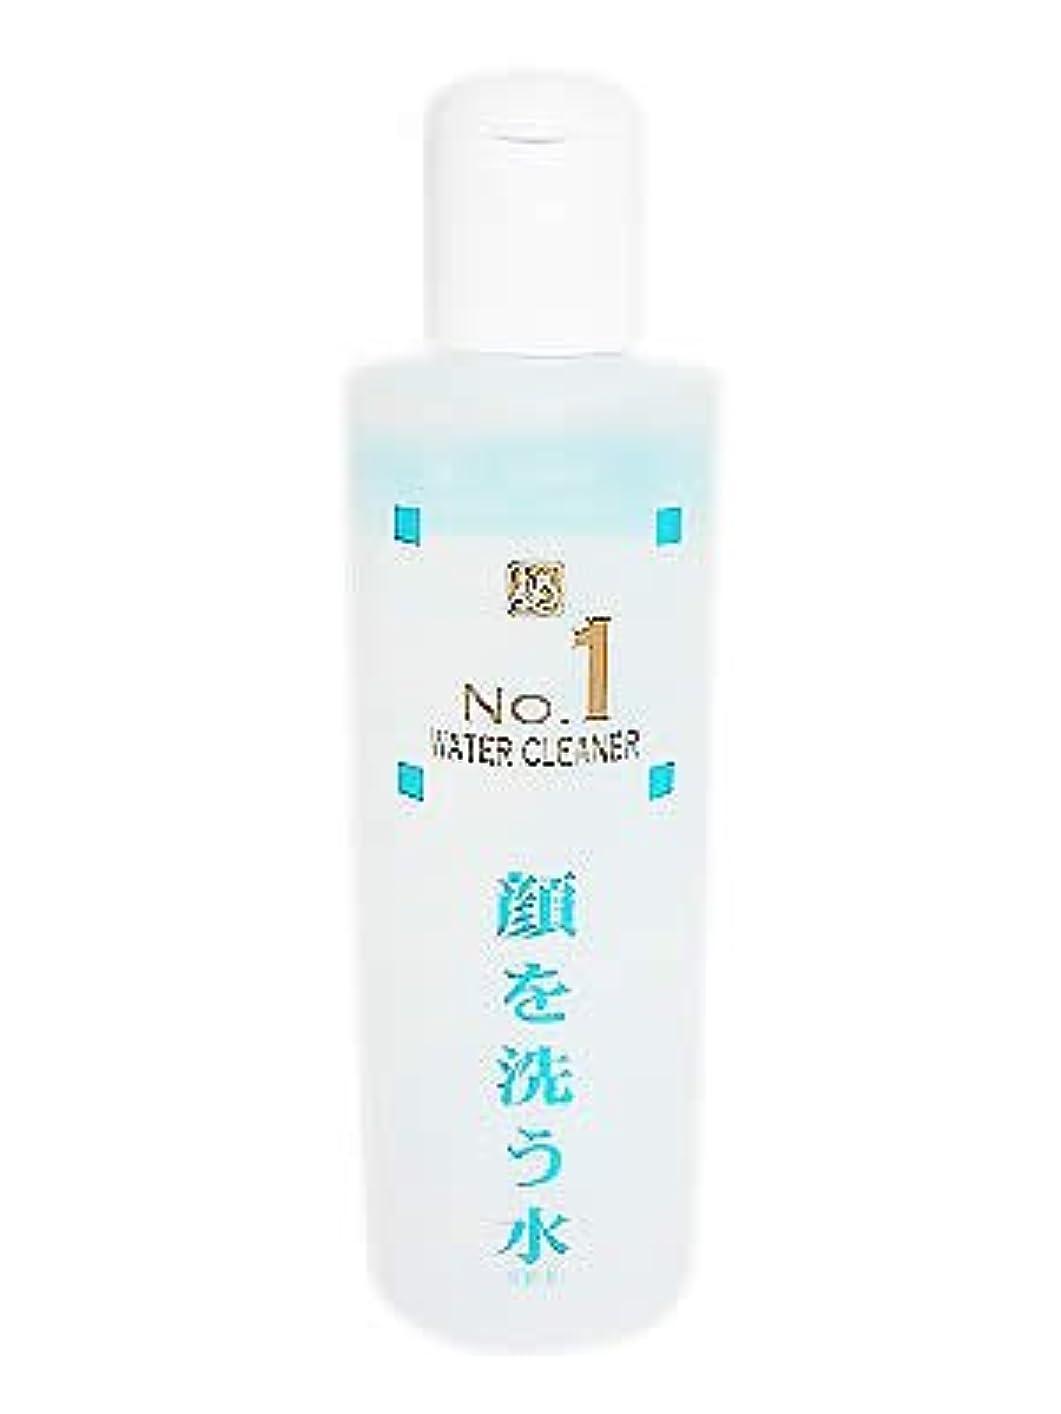 尾ドラフト思慮のない顔を洗う水 No.1 ウォータークリーナー 洗顔化粧水 250ml